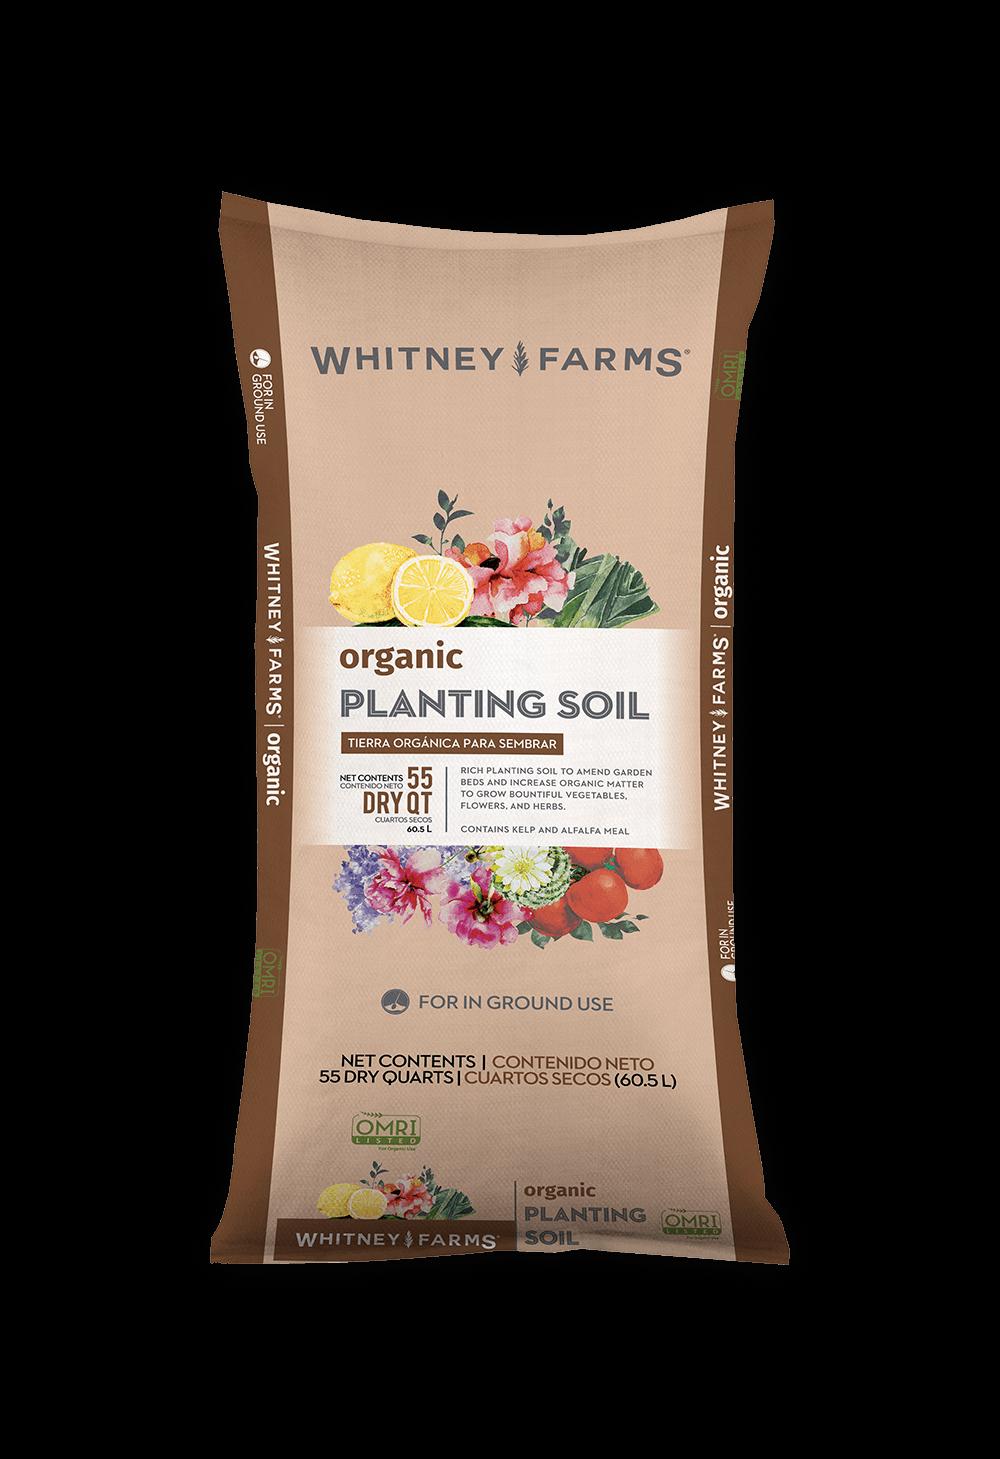 Just Natural Organic Soil Ingredients